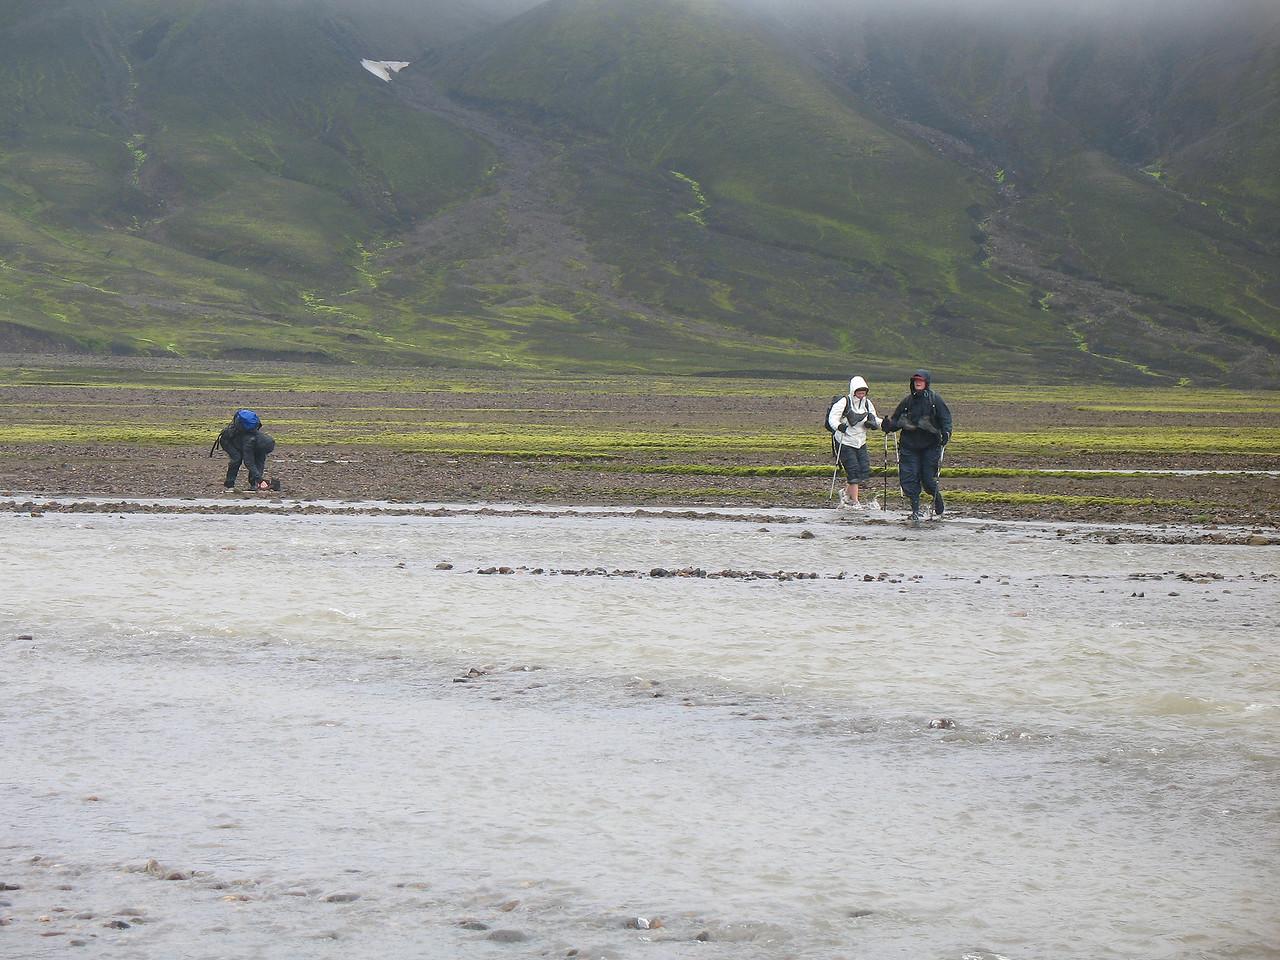 Það er ekki tekið út með sældinni að vaða jökulár í strekkingsvindi og rigningu. Það hjálpar þó að vera í regnbuxunum.